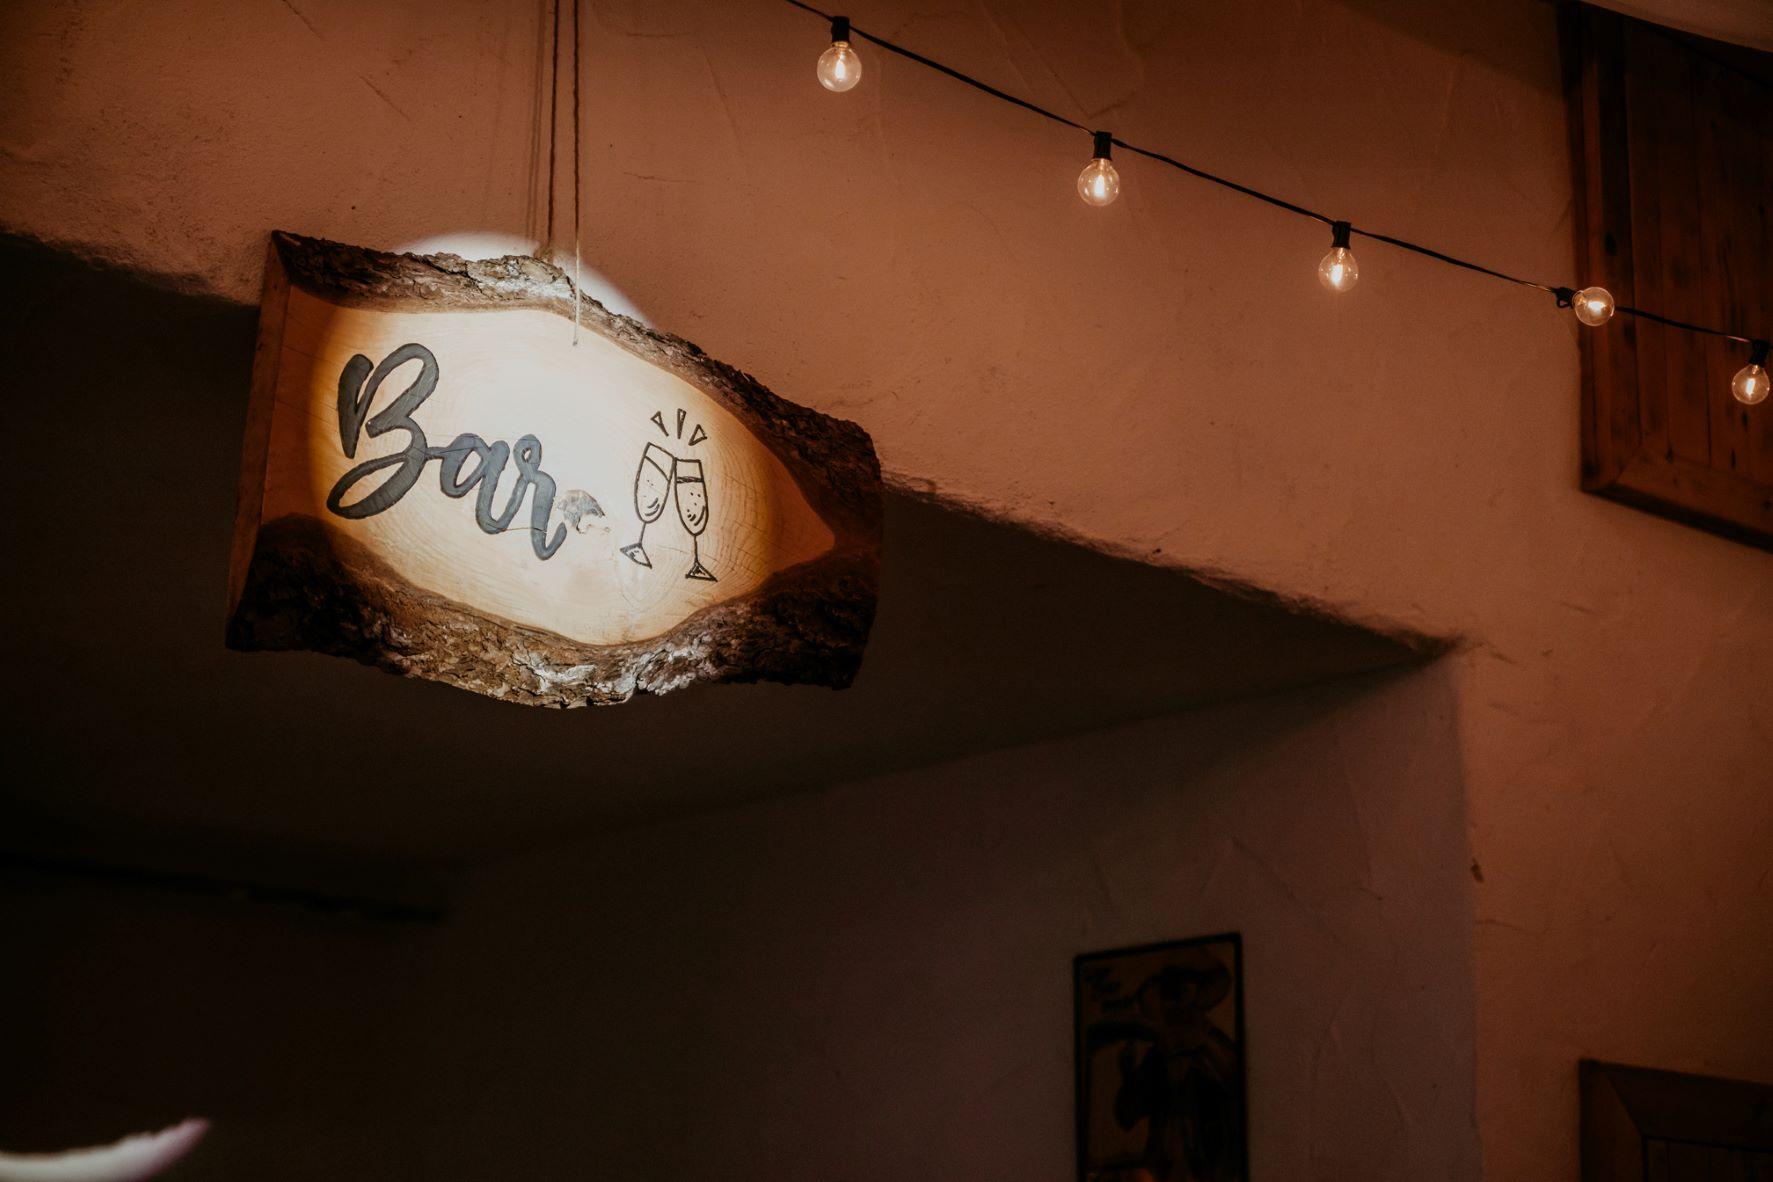 Beschilderung Veranstaltung, Vintage, Holzschwarte, Bar, Aalen, Ostalbkreis